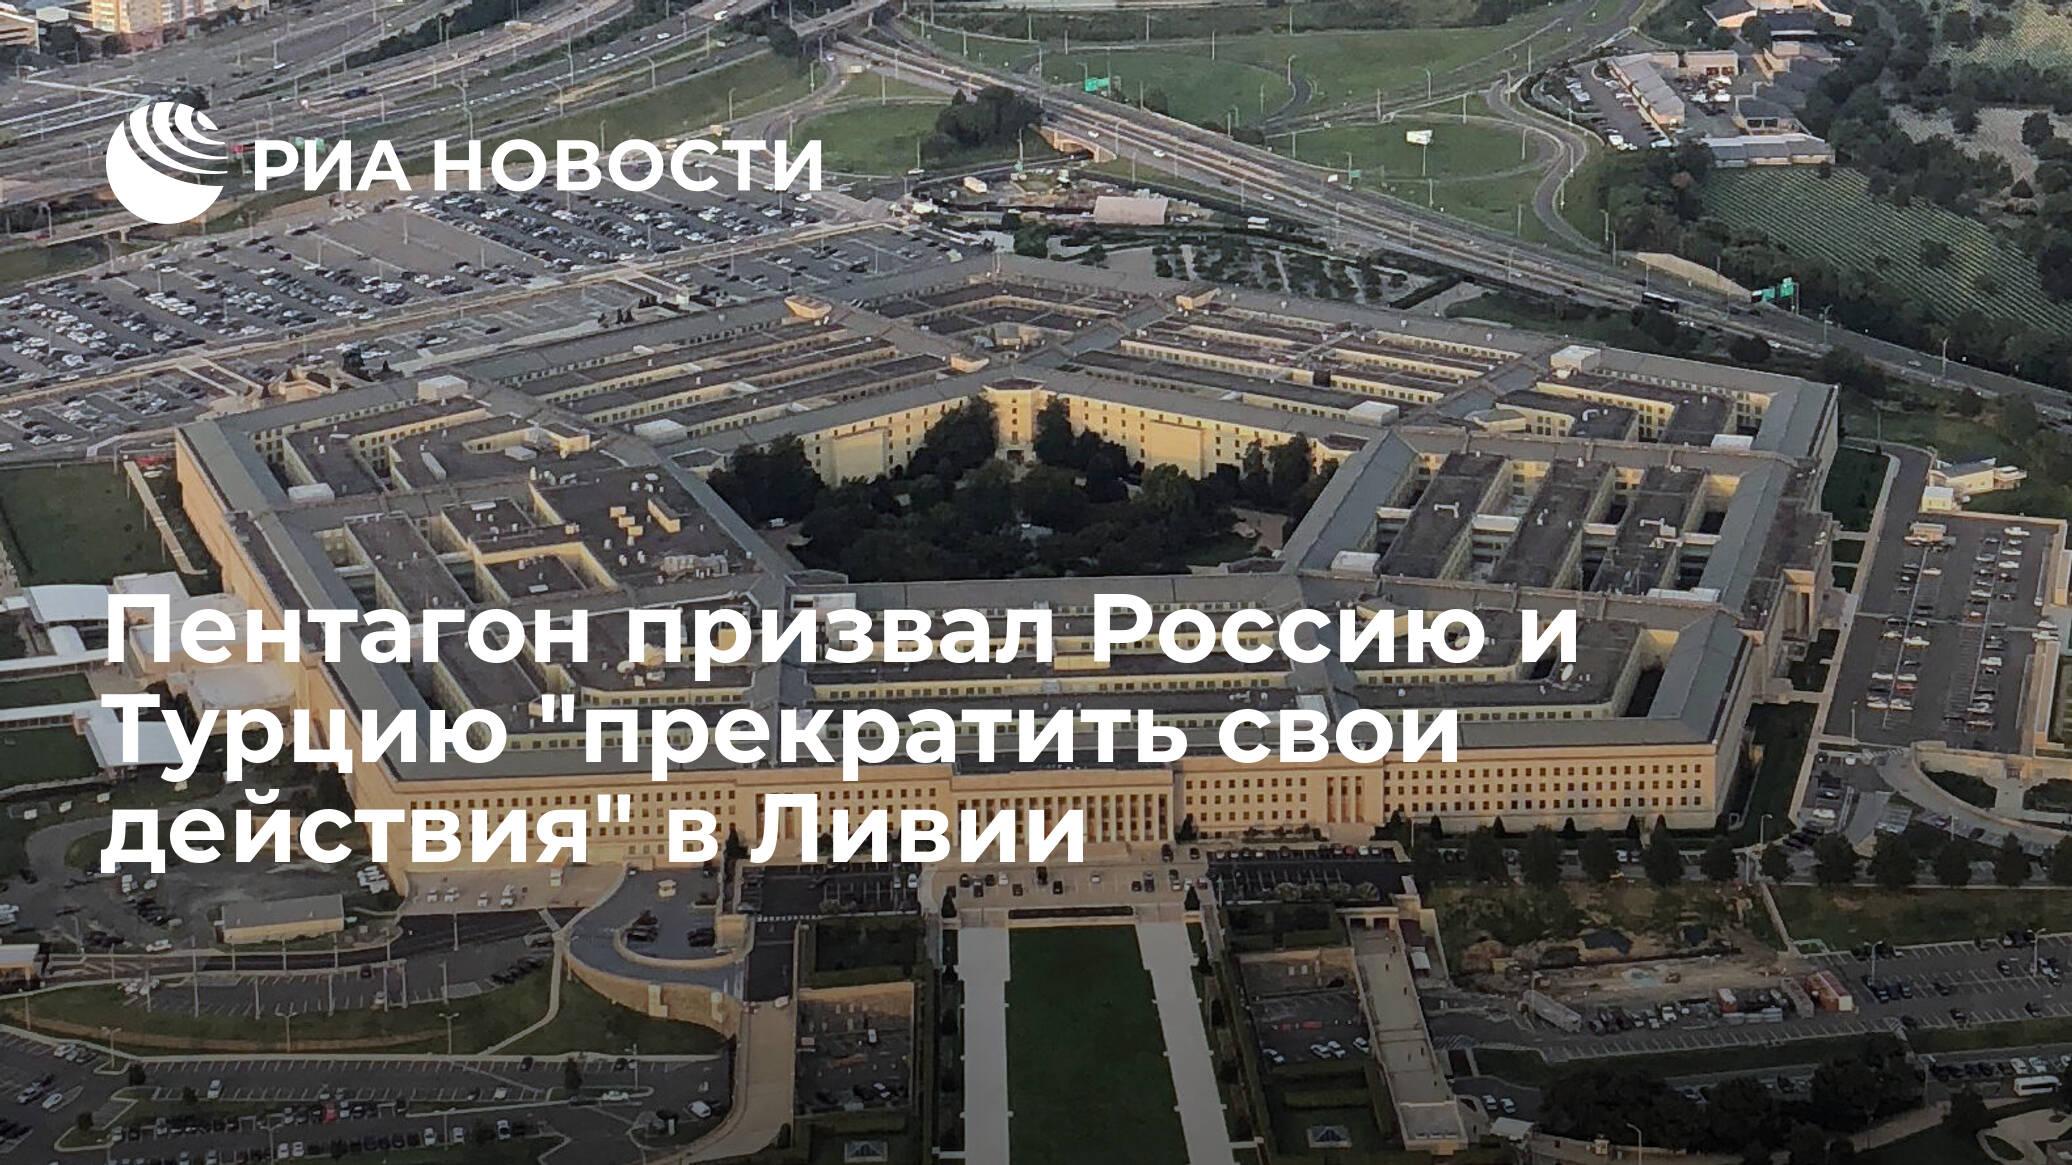 Пентагон призвал Россию и Турцию